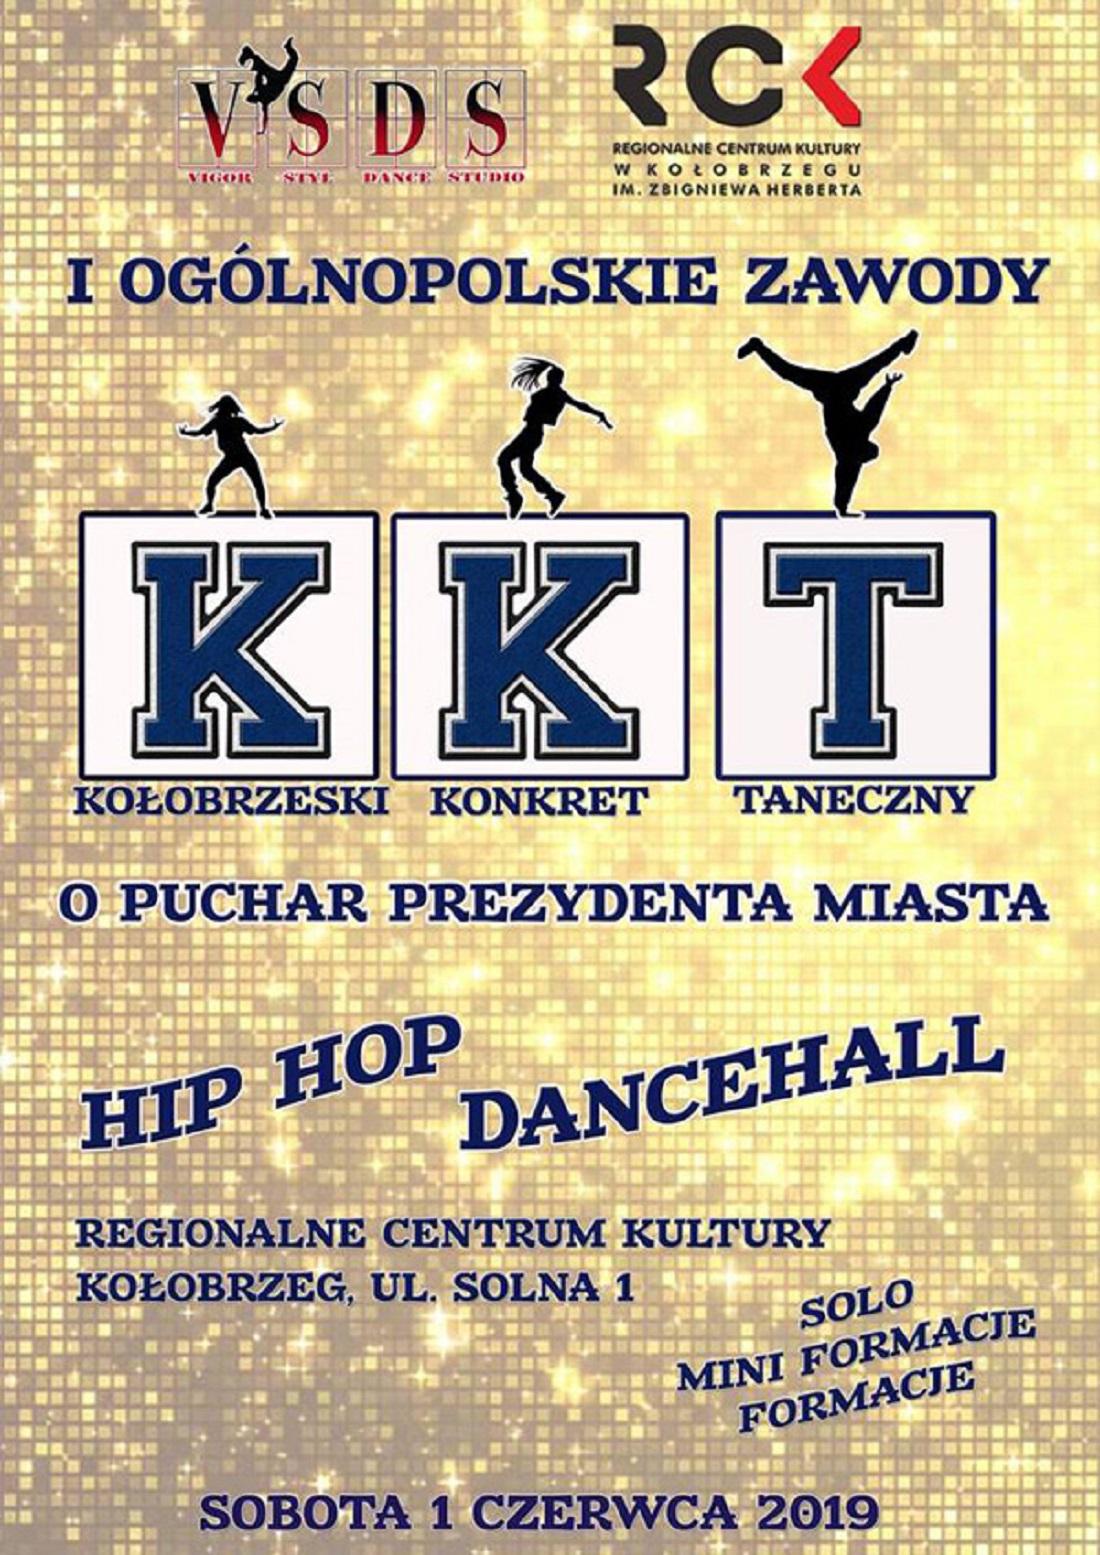 """I Ogólnopolskie Zawody Taneczne """"Kołobrzeski Konkret Taneczny"""""""